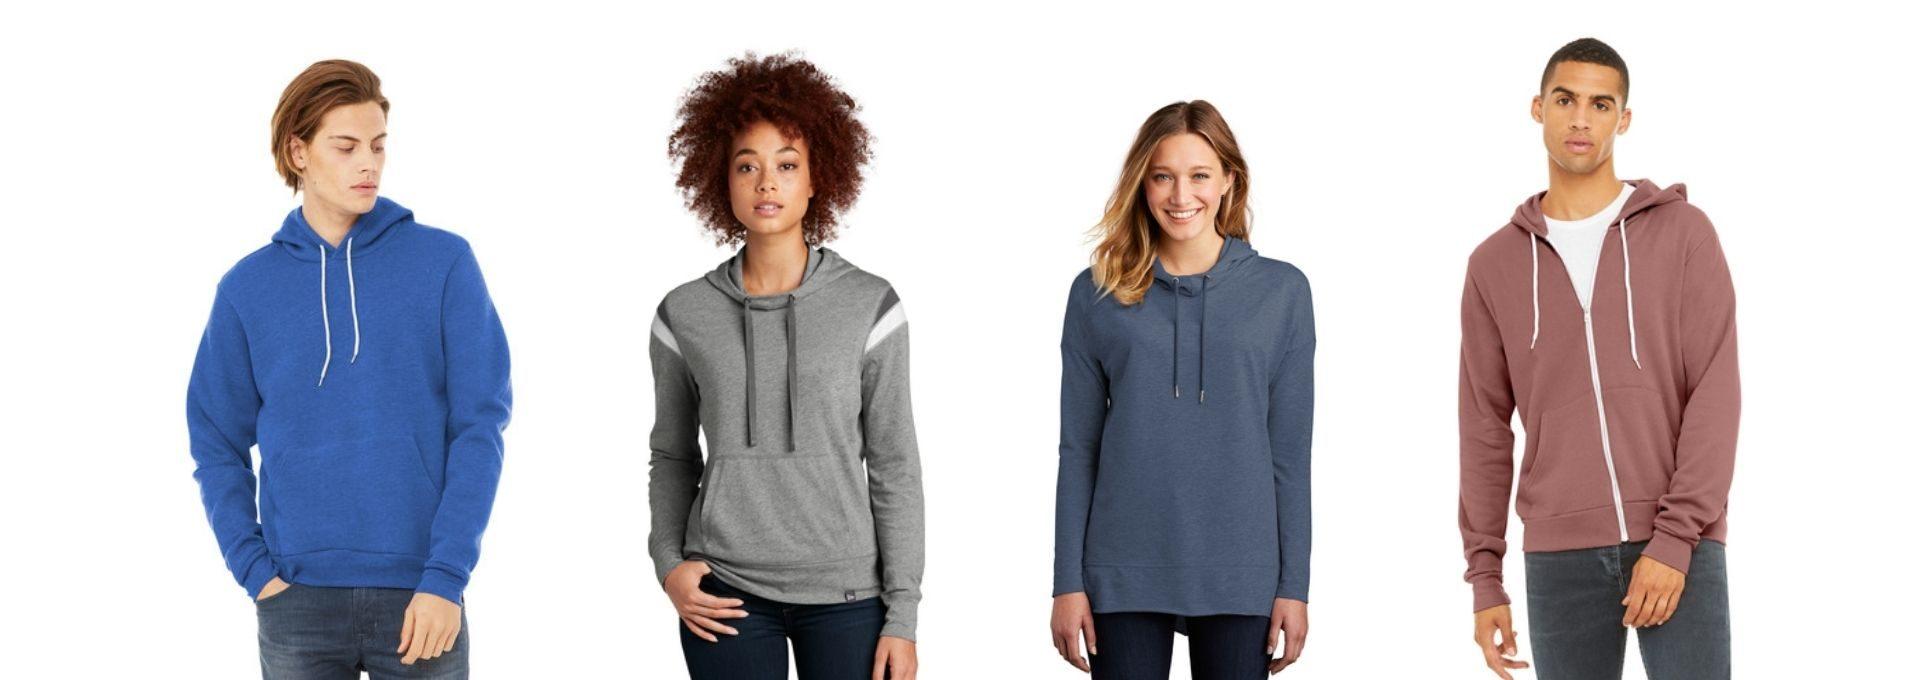 custom printed hoodies and sweatshirts seattle